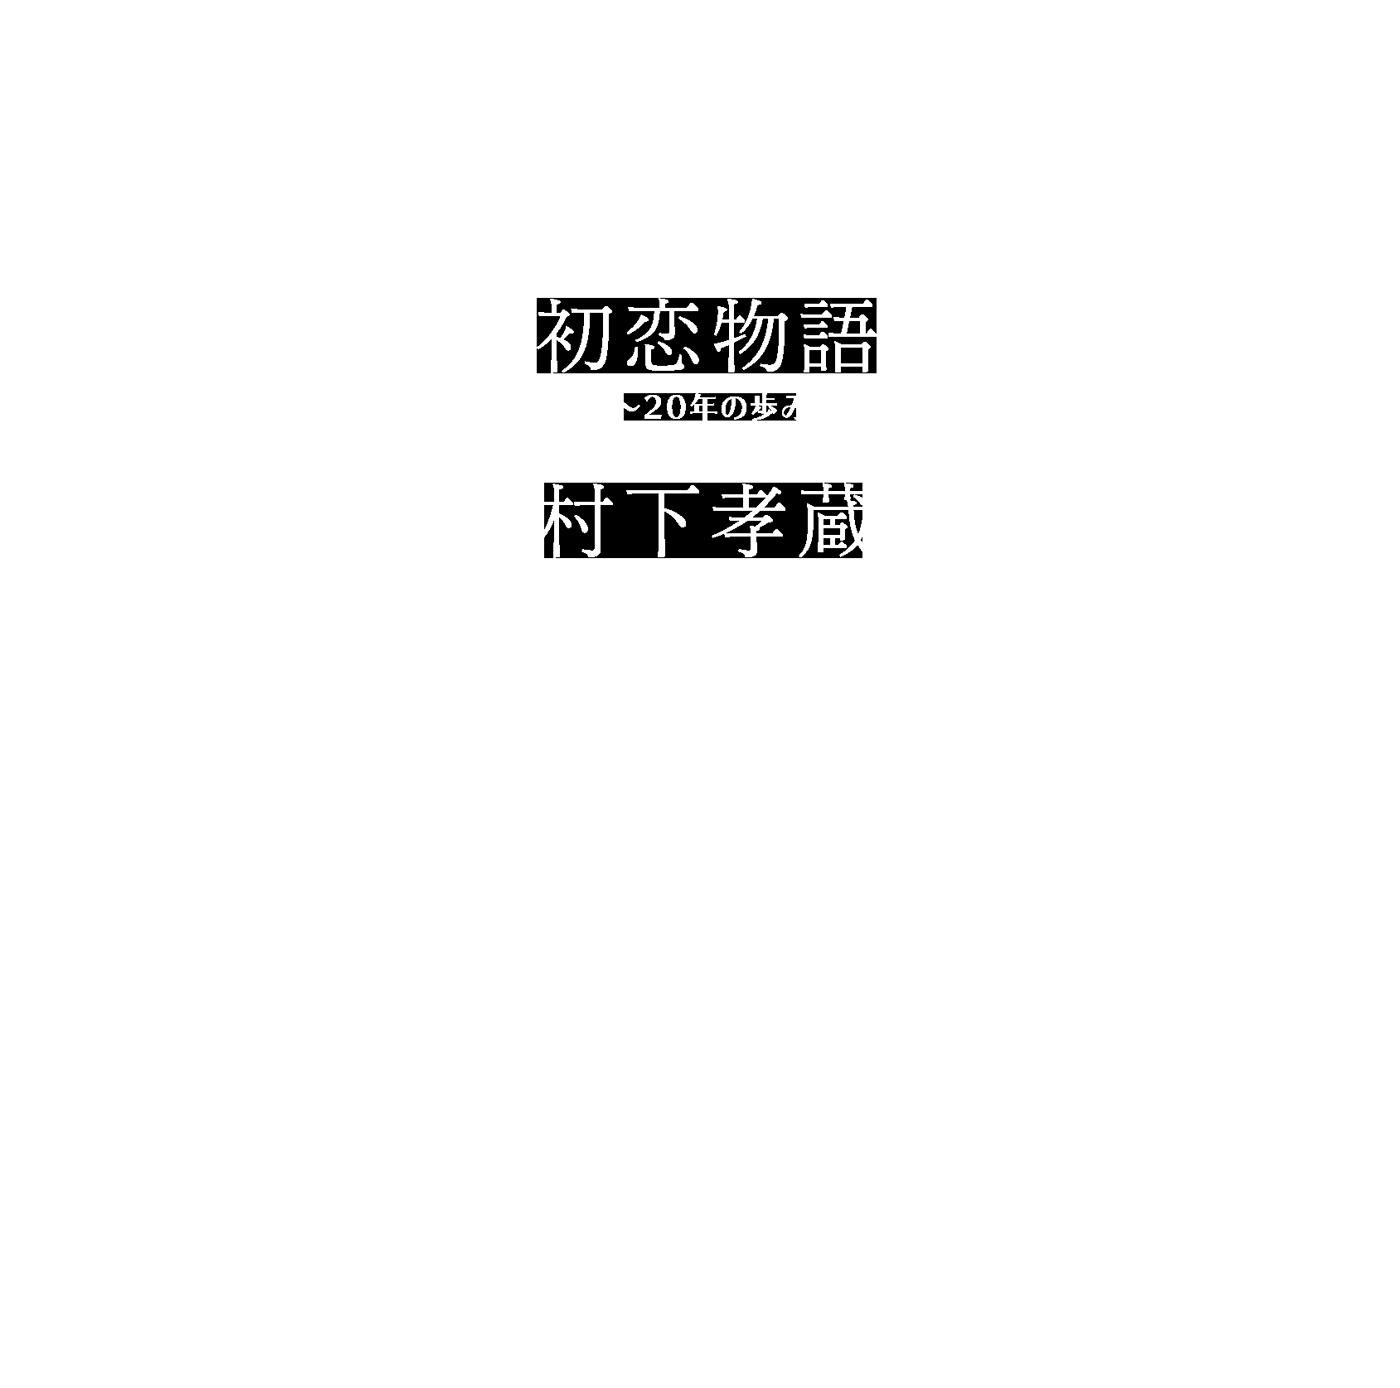 孝蔵 村 初恋 下